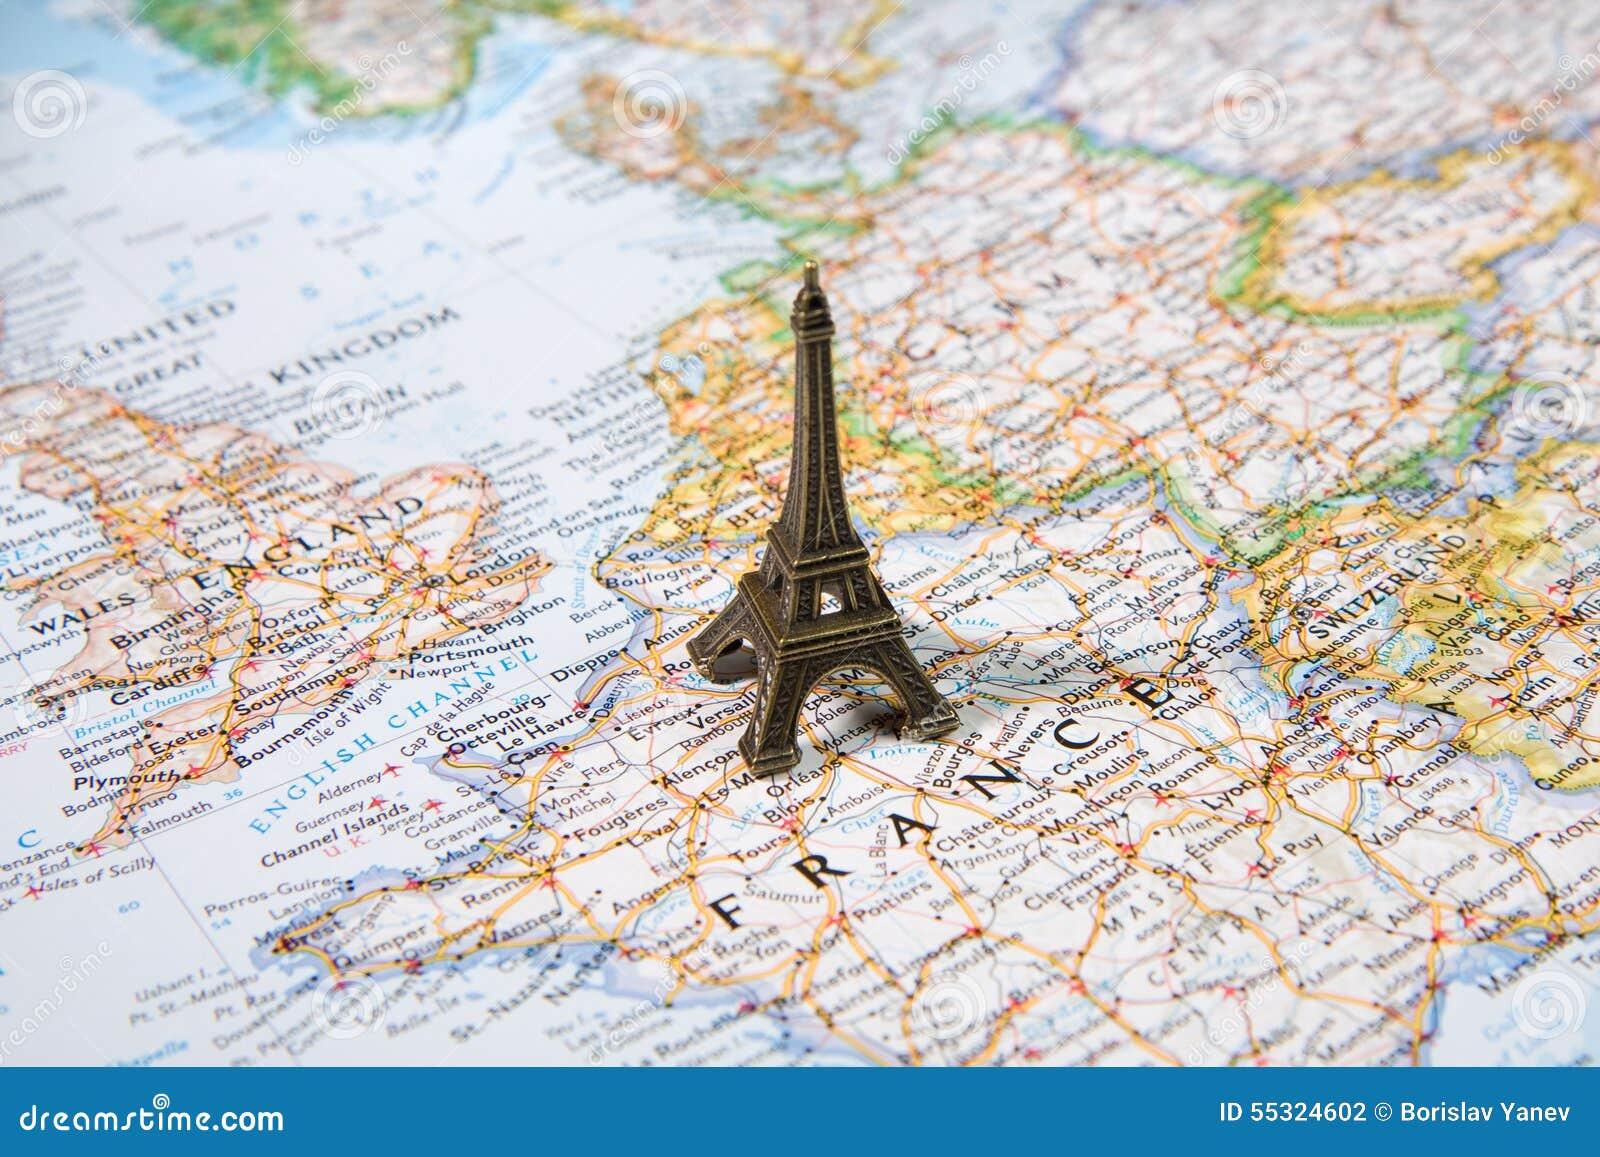 Estátua Da Torre Eiffel Em Um Mapa Paris A Maioria De Destino - Paris mapa